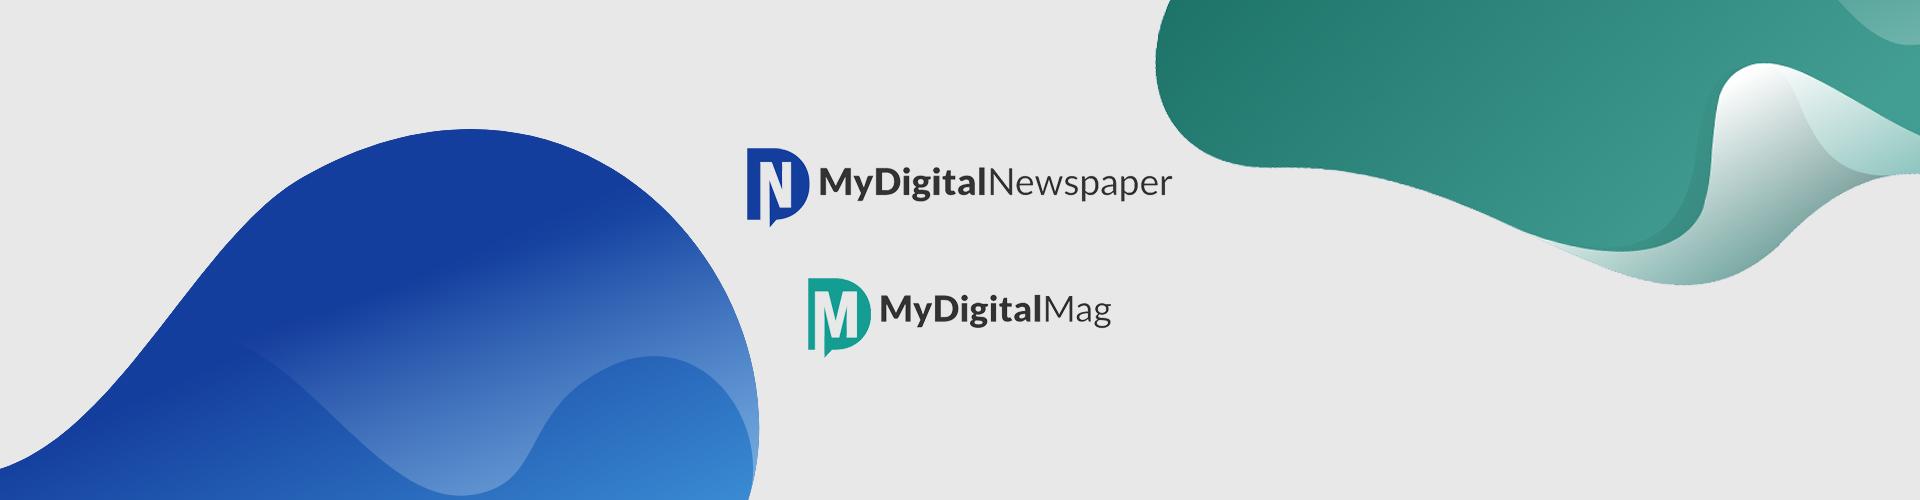 MyDigitalNewspaper & MyDigitalMag